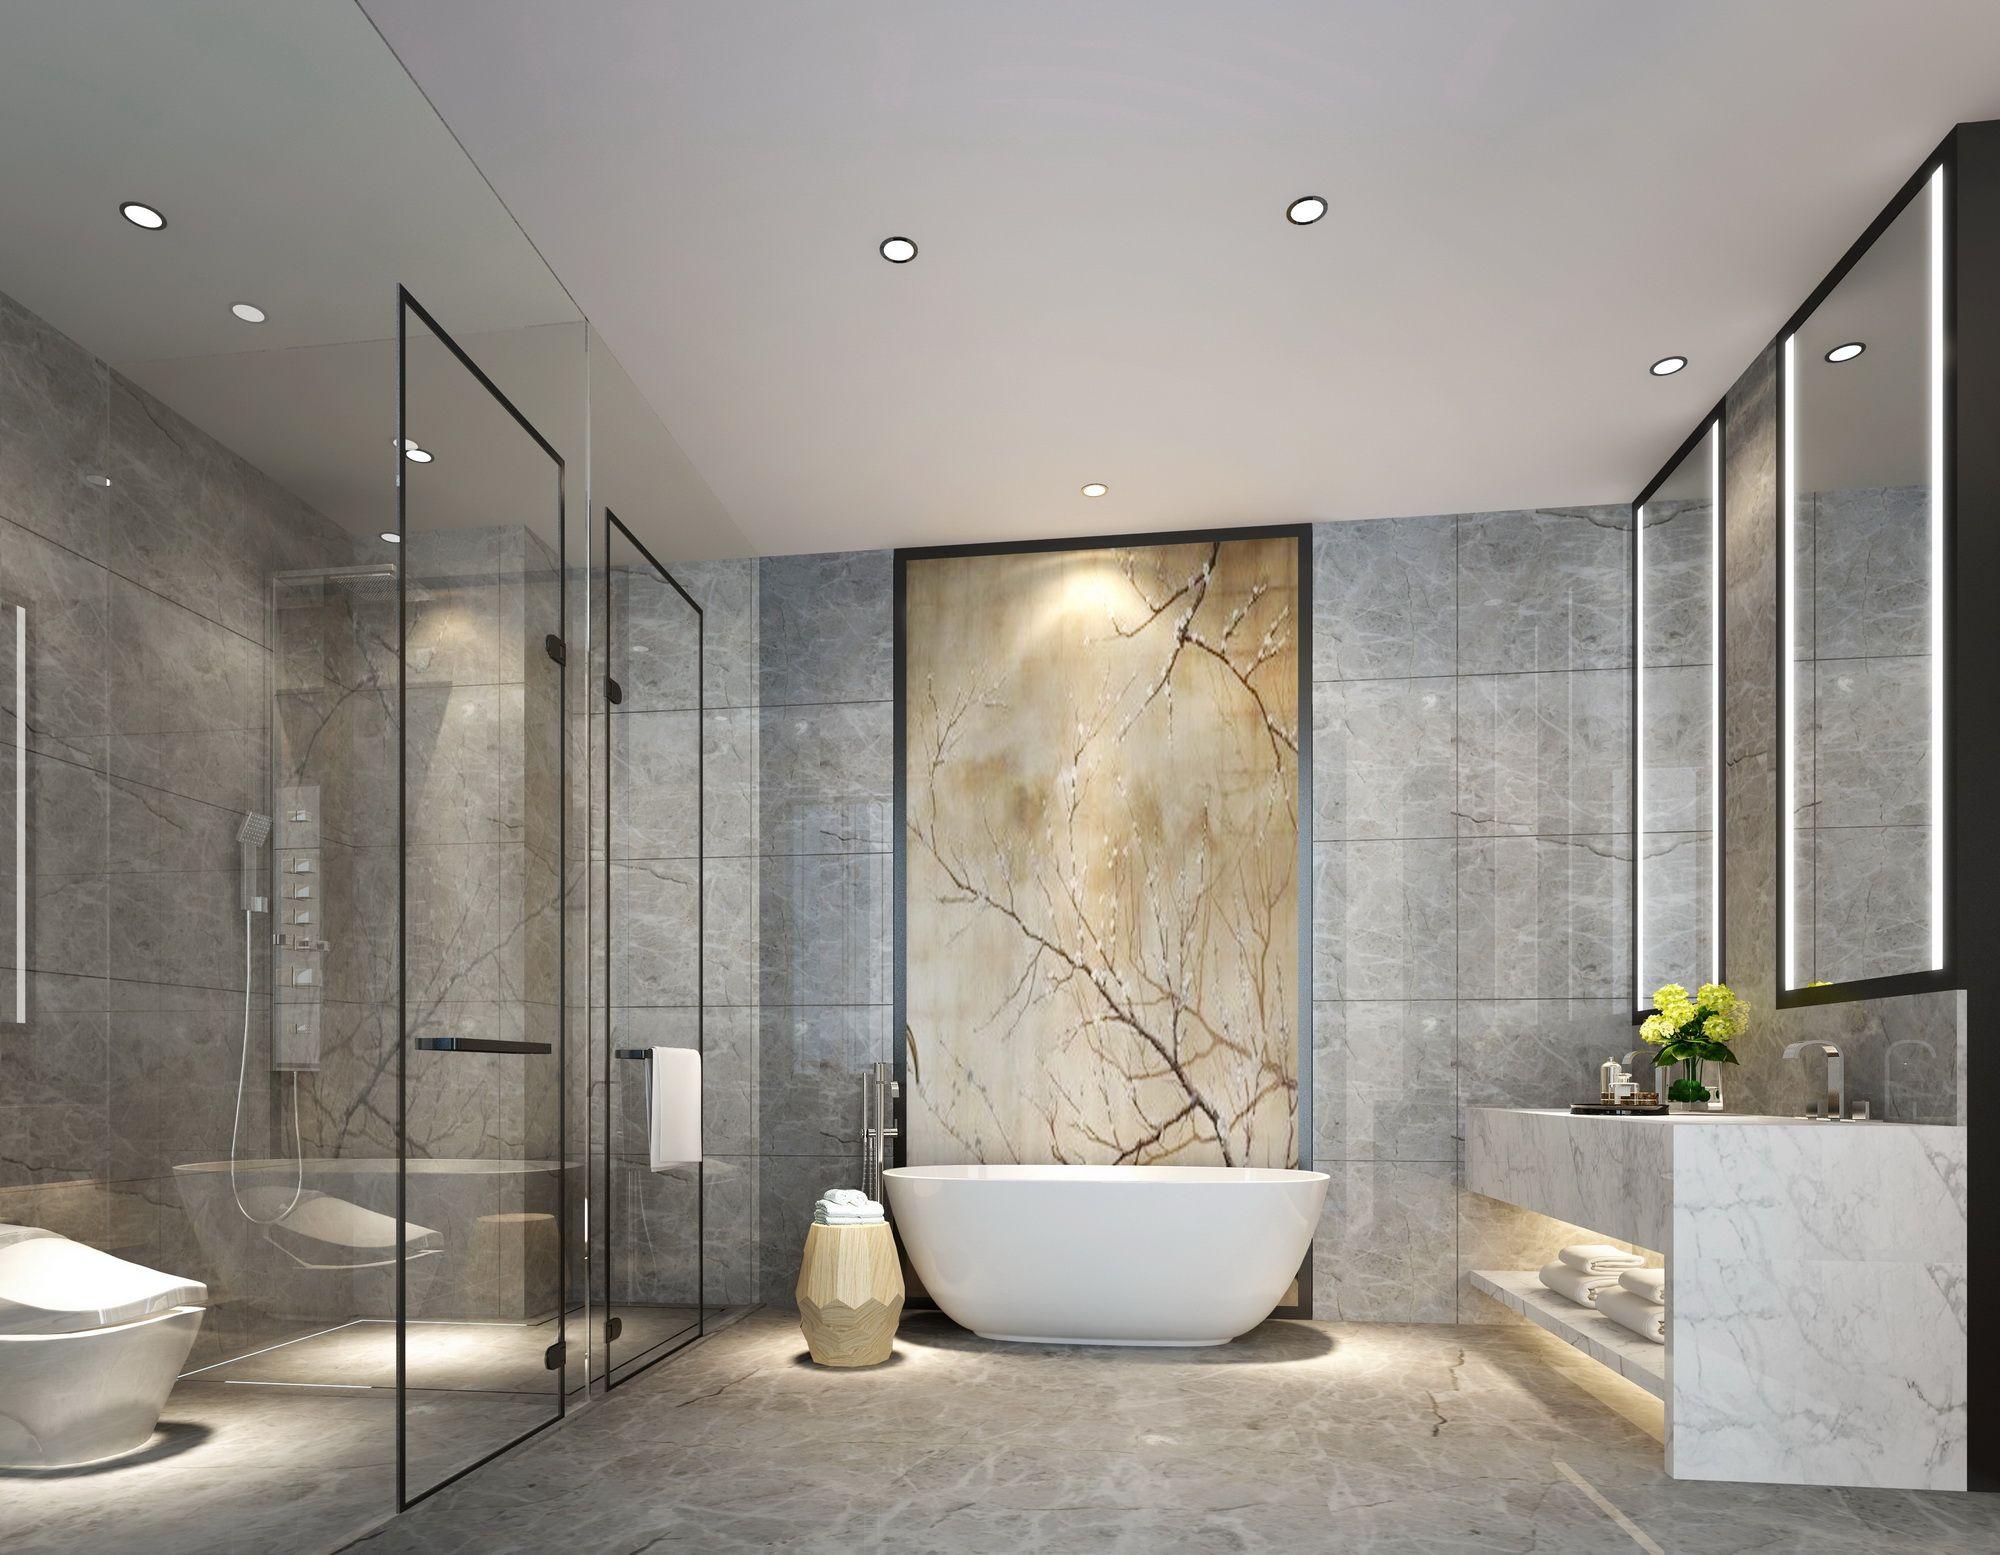 新中式卫生间toilet Bathroom Spa Bathroom Interior Design Bathroom Lighting Design